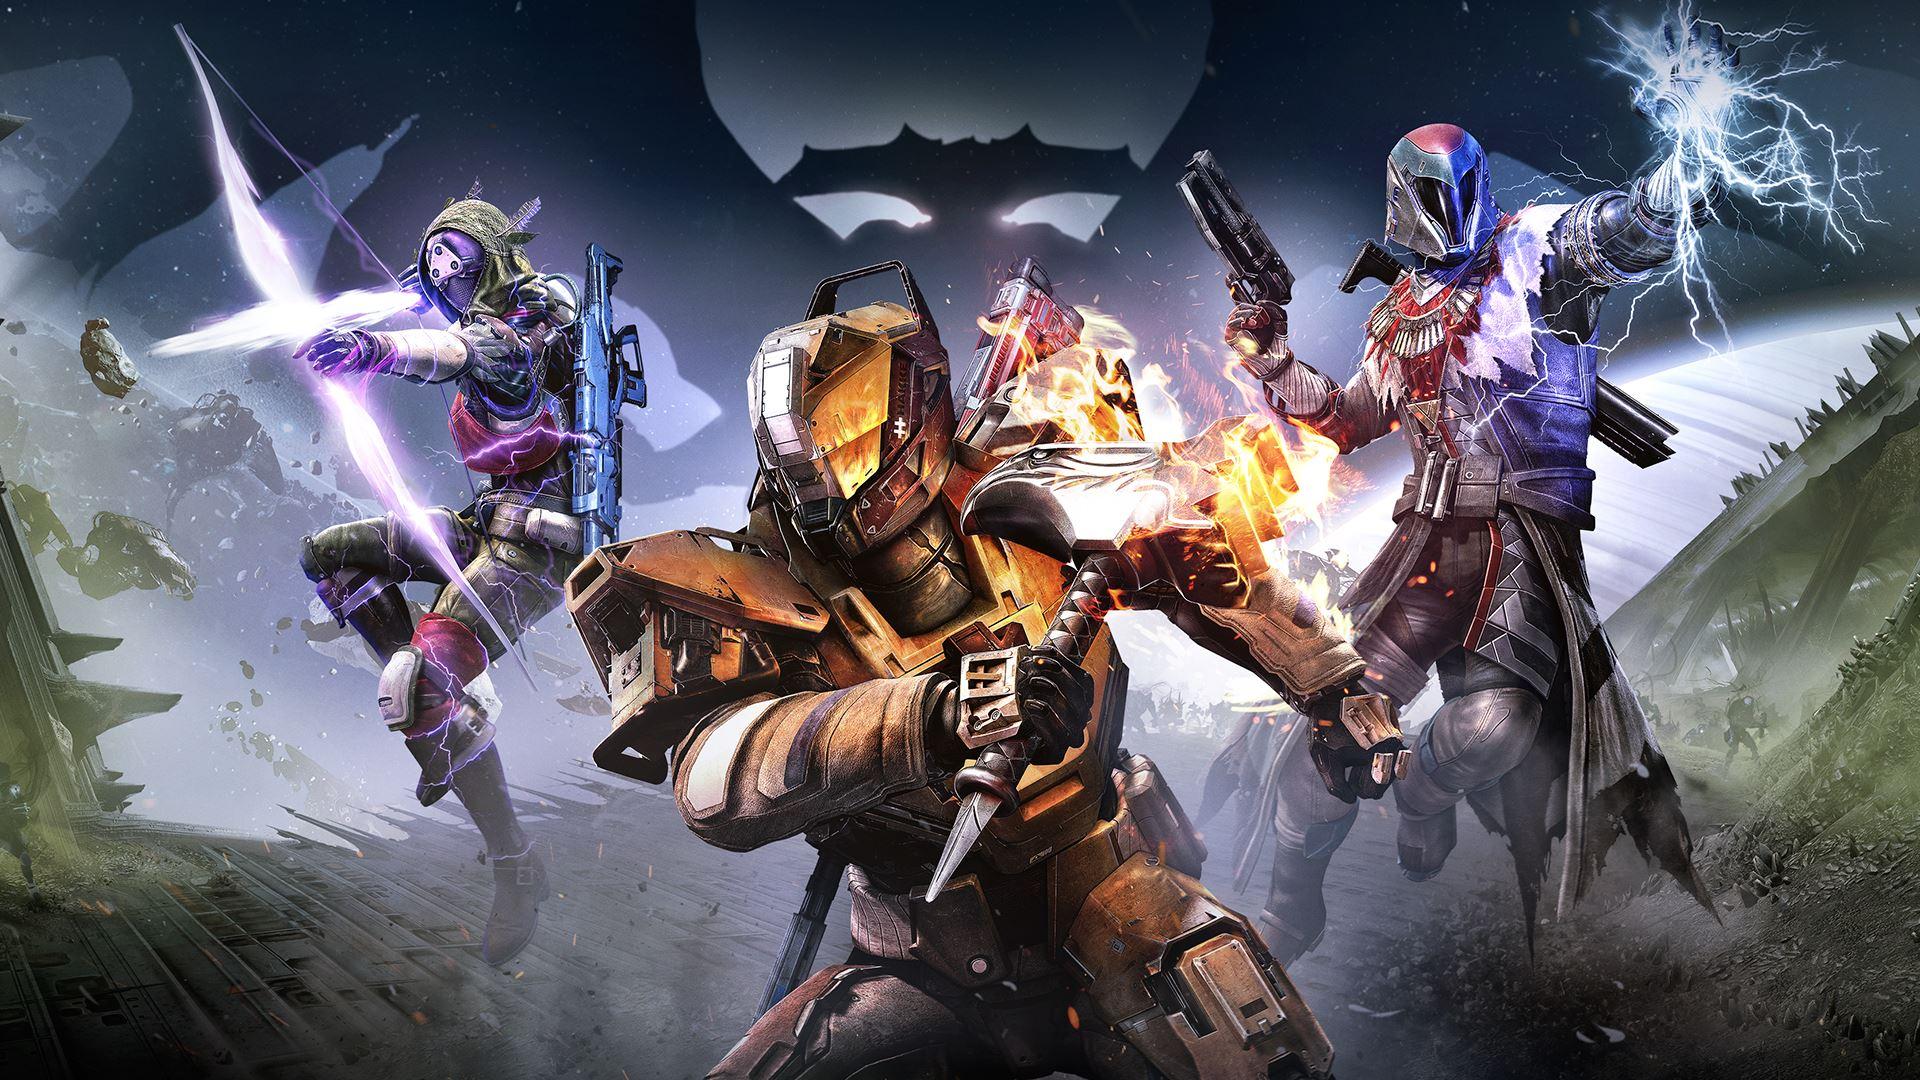 Rumor: 'totalmente diferente', Destiny 2 vem em 2017 com versão para PC